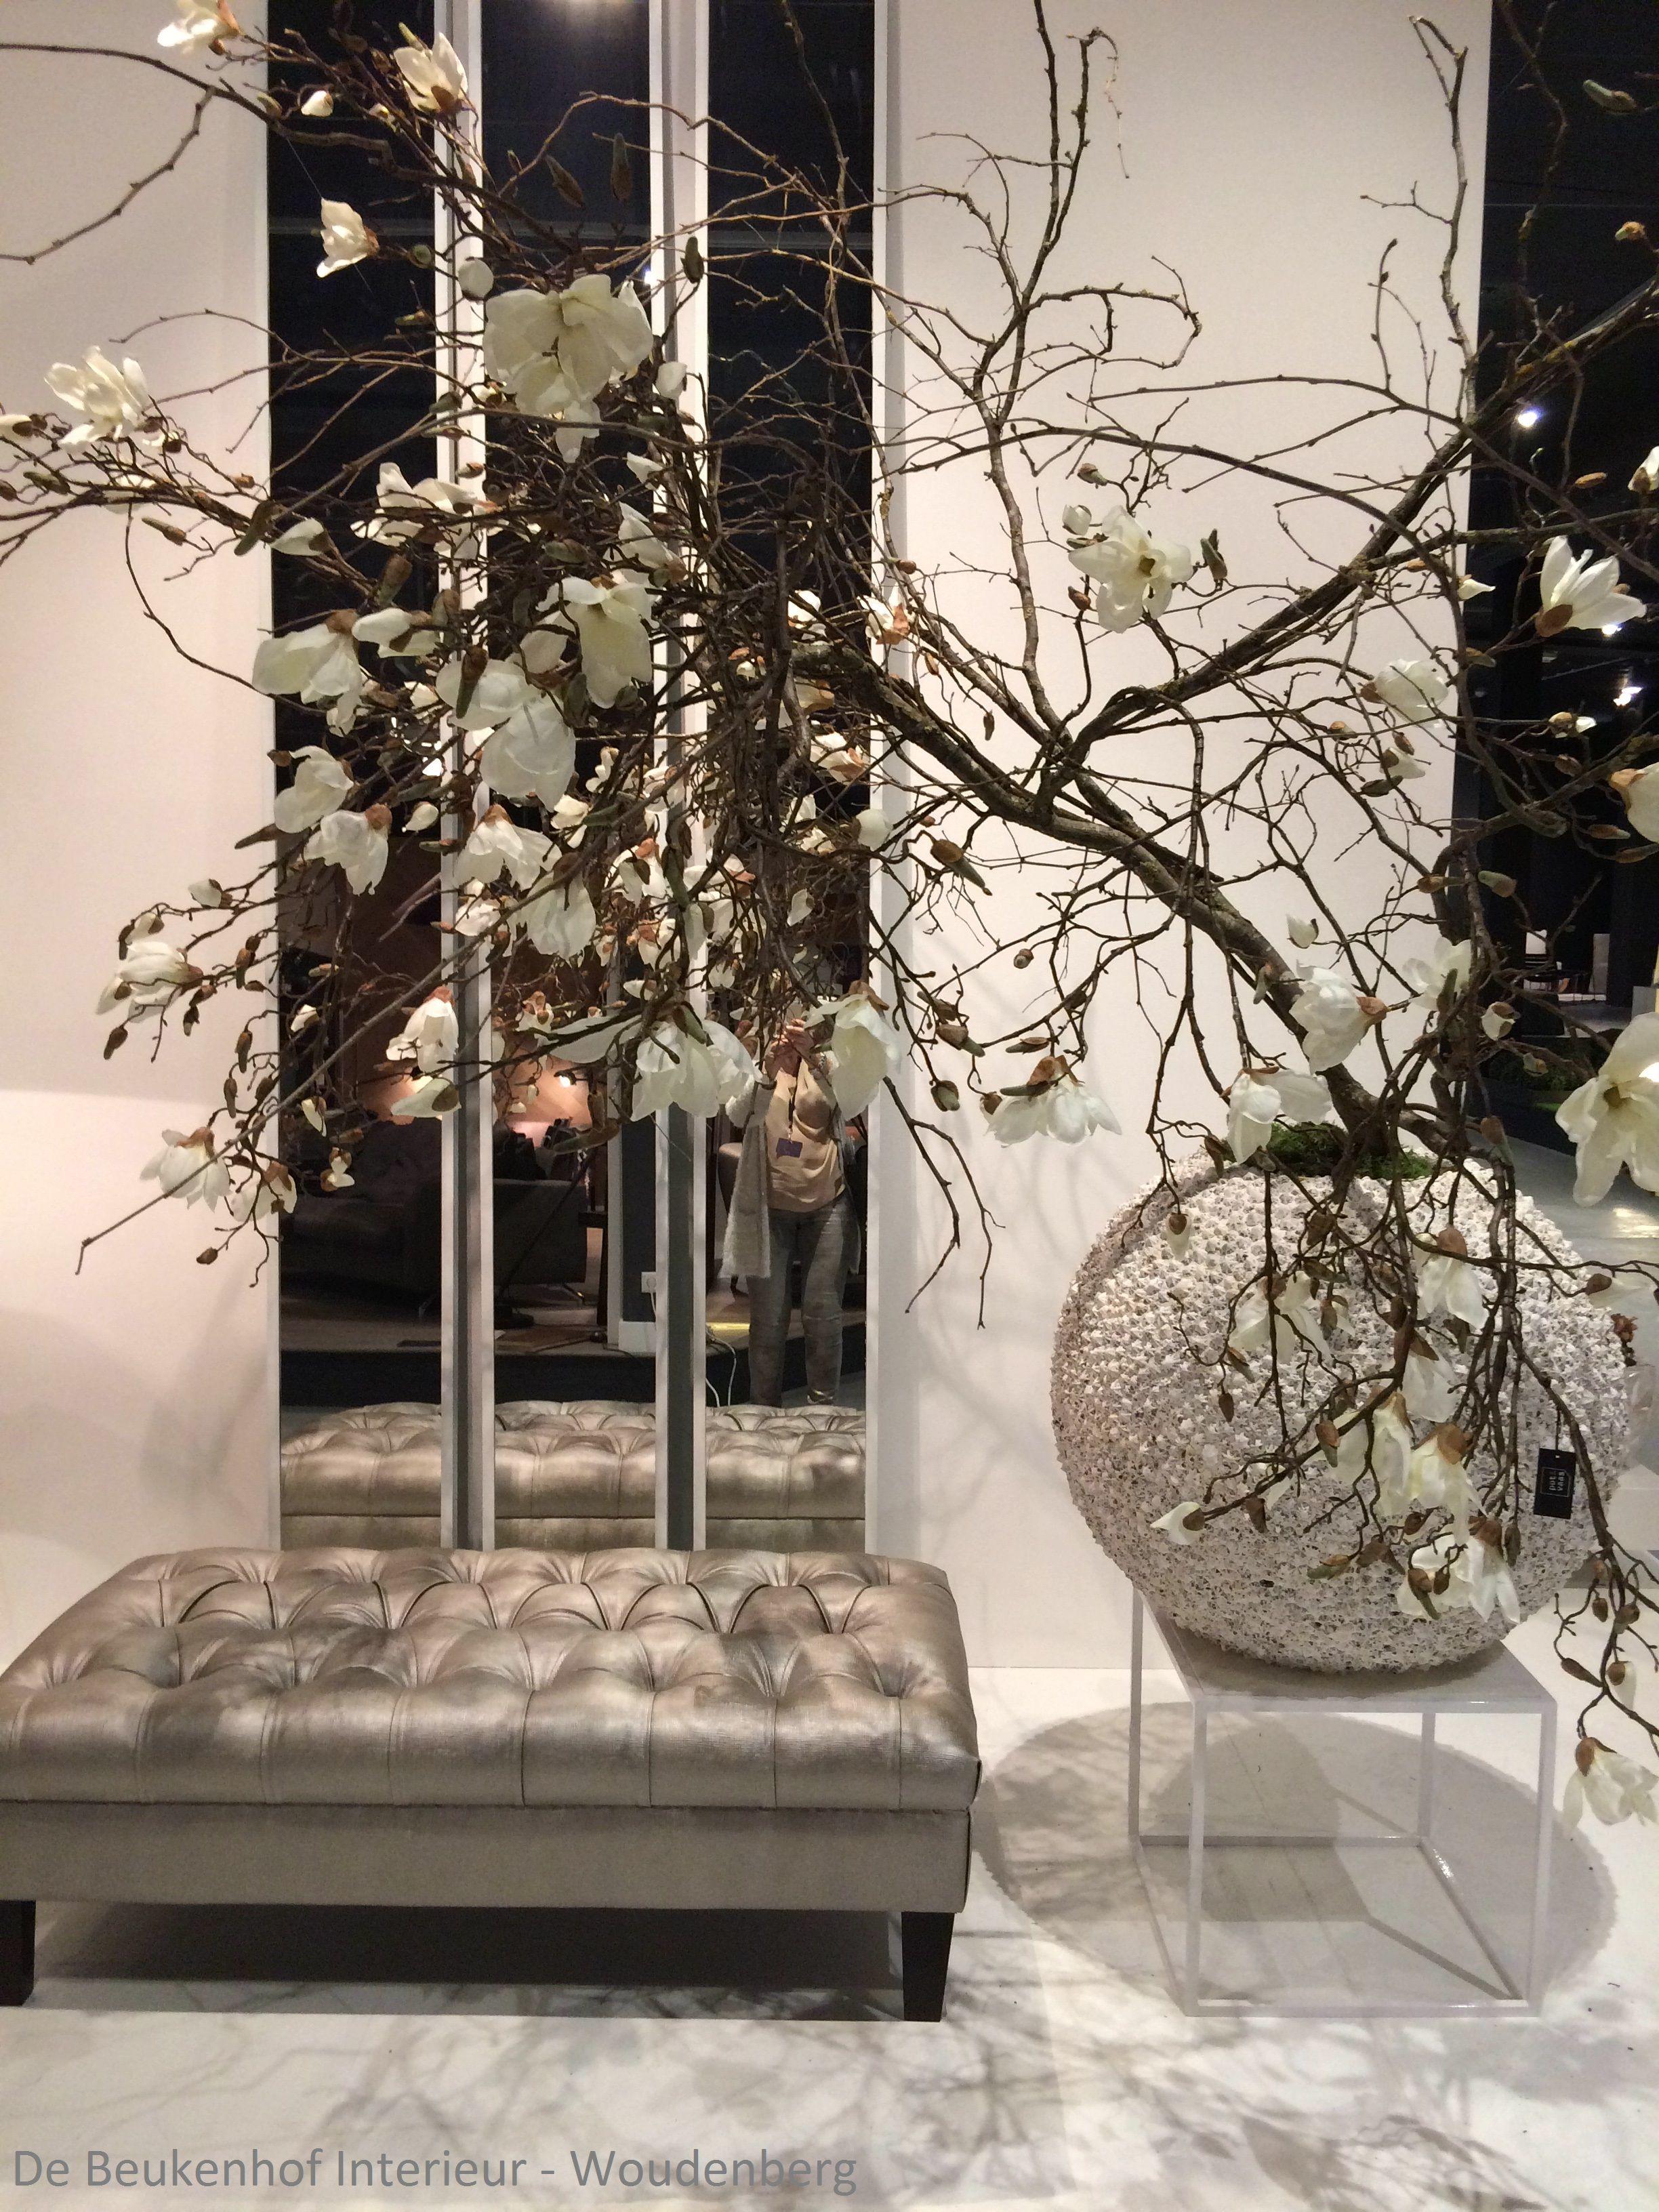 Spiegels # Pot met Magnolia tak wit # footstool # verkrijgbaar bij ...